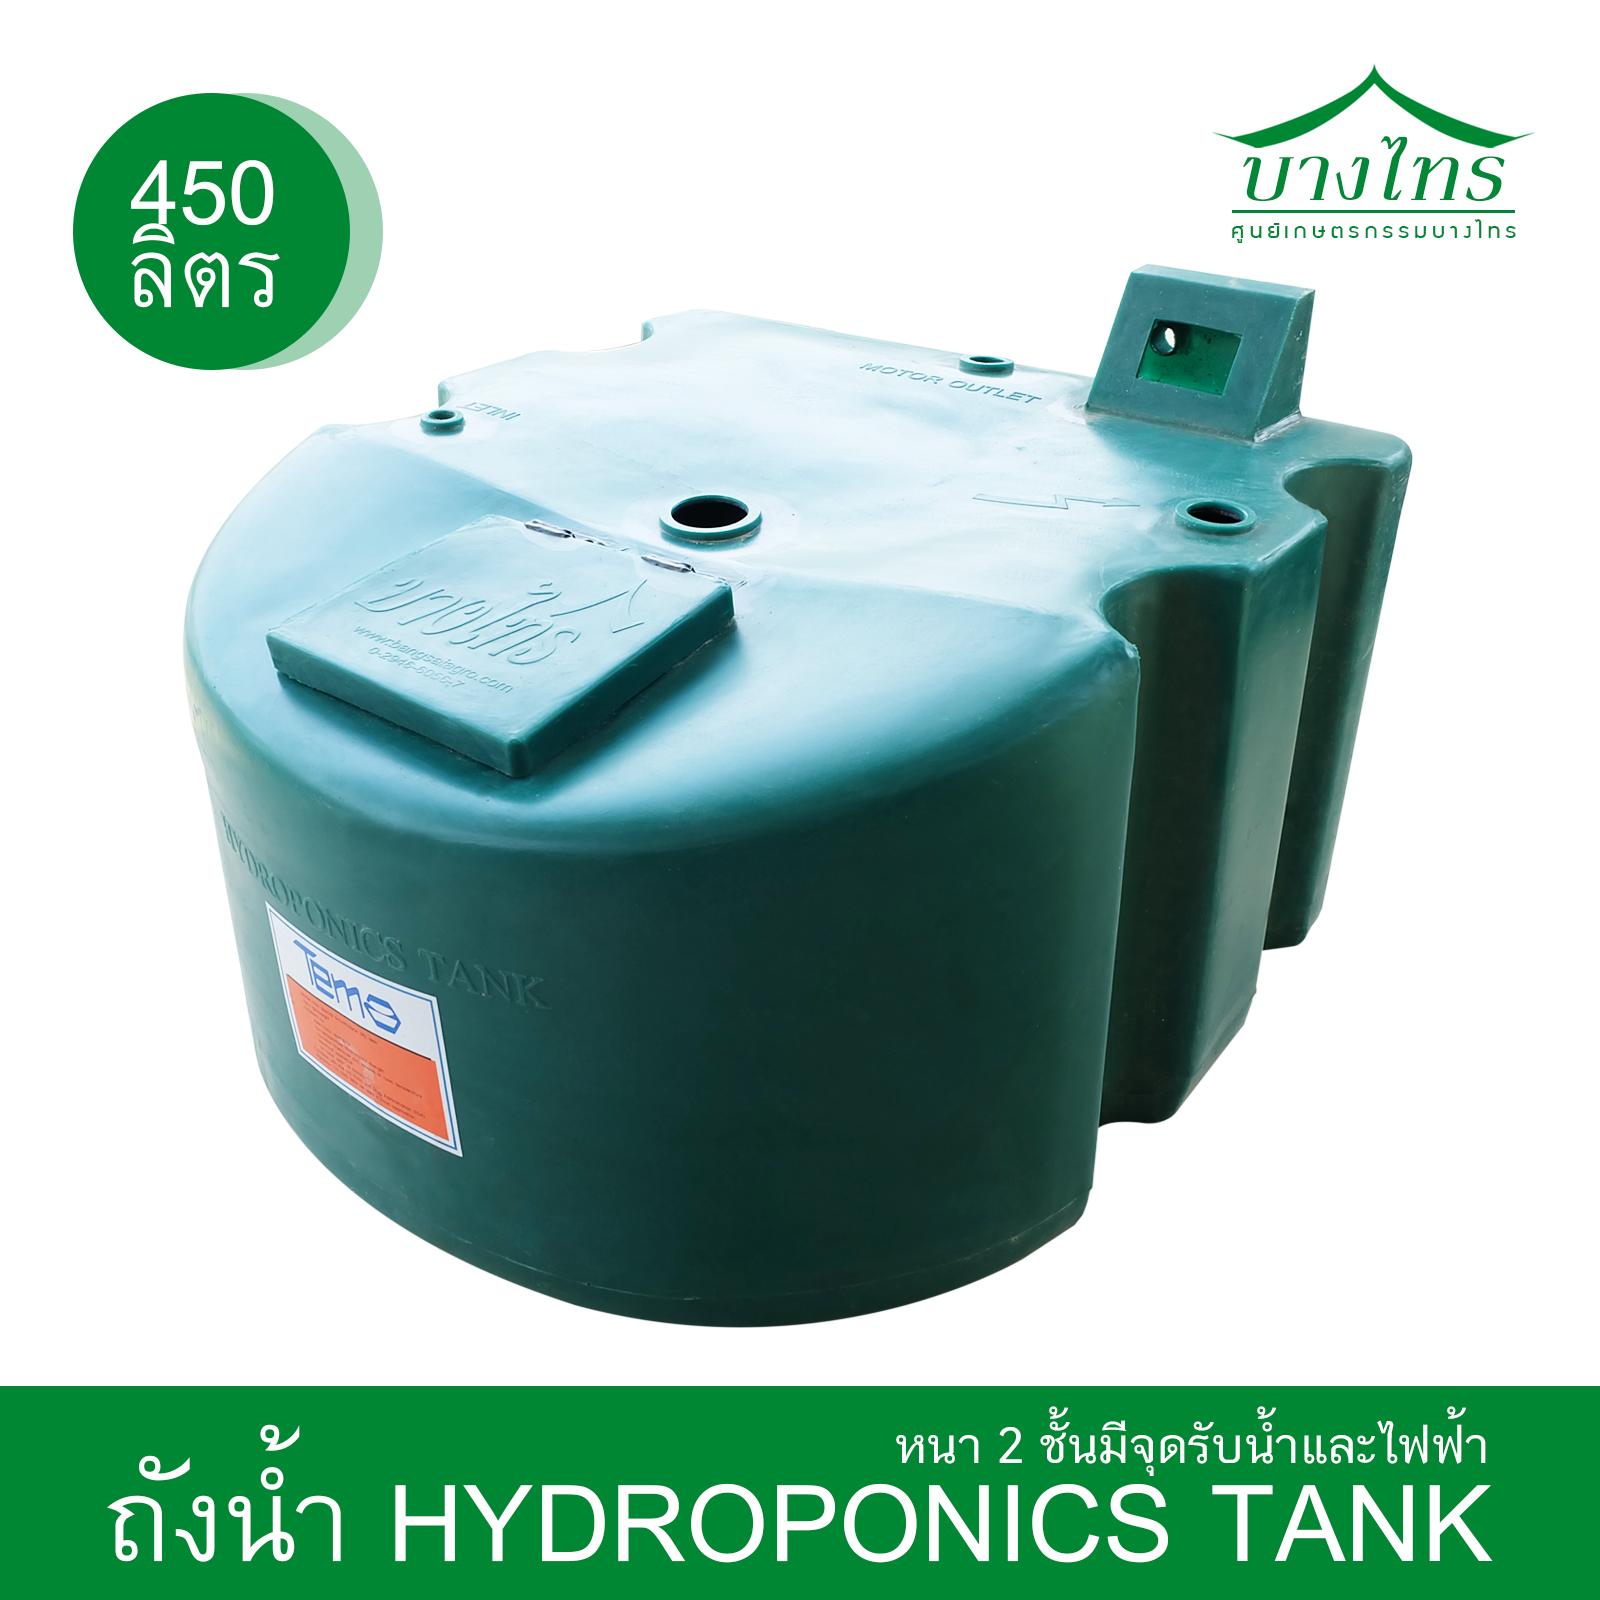 ถังน้ำ 450 ลิตร หนาสองชั้นมีจุดรับน้ำและไฟฟ้า